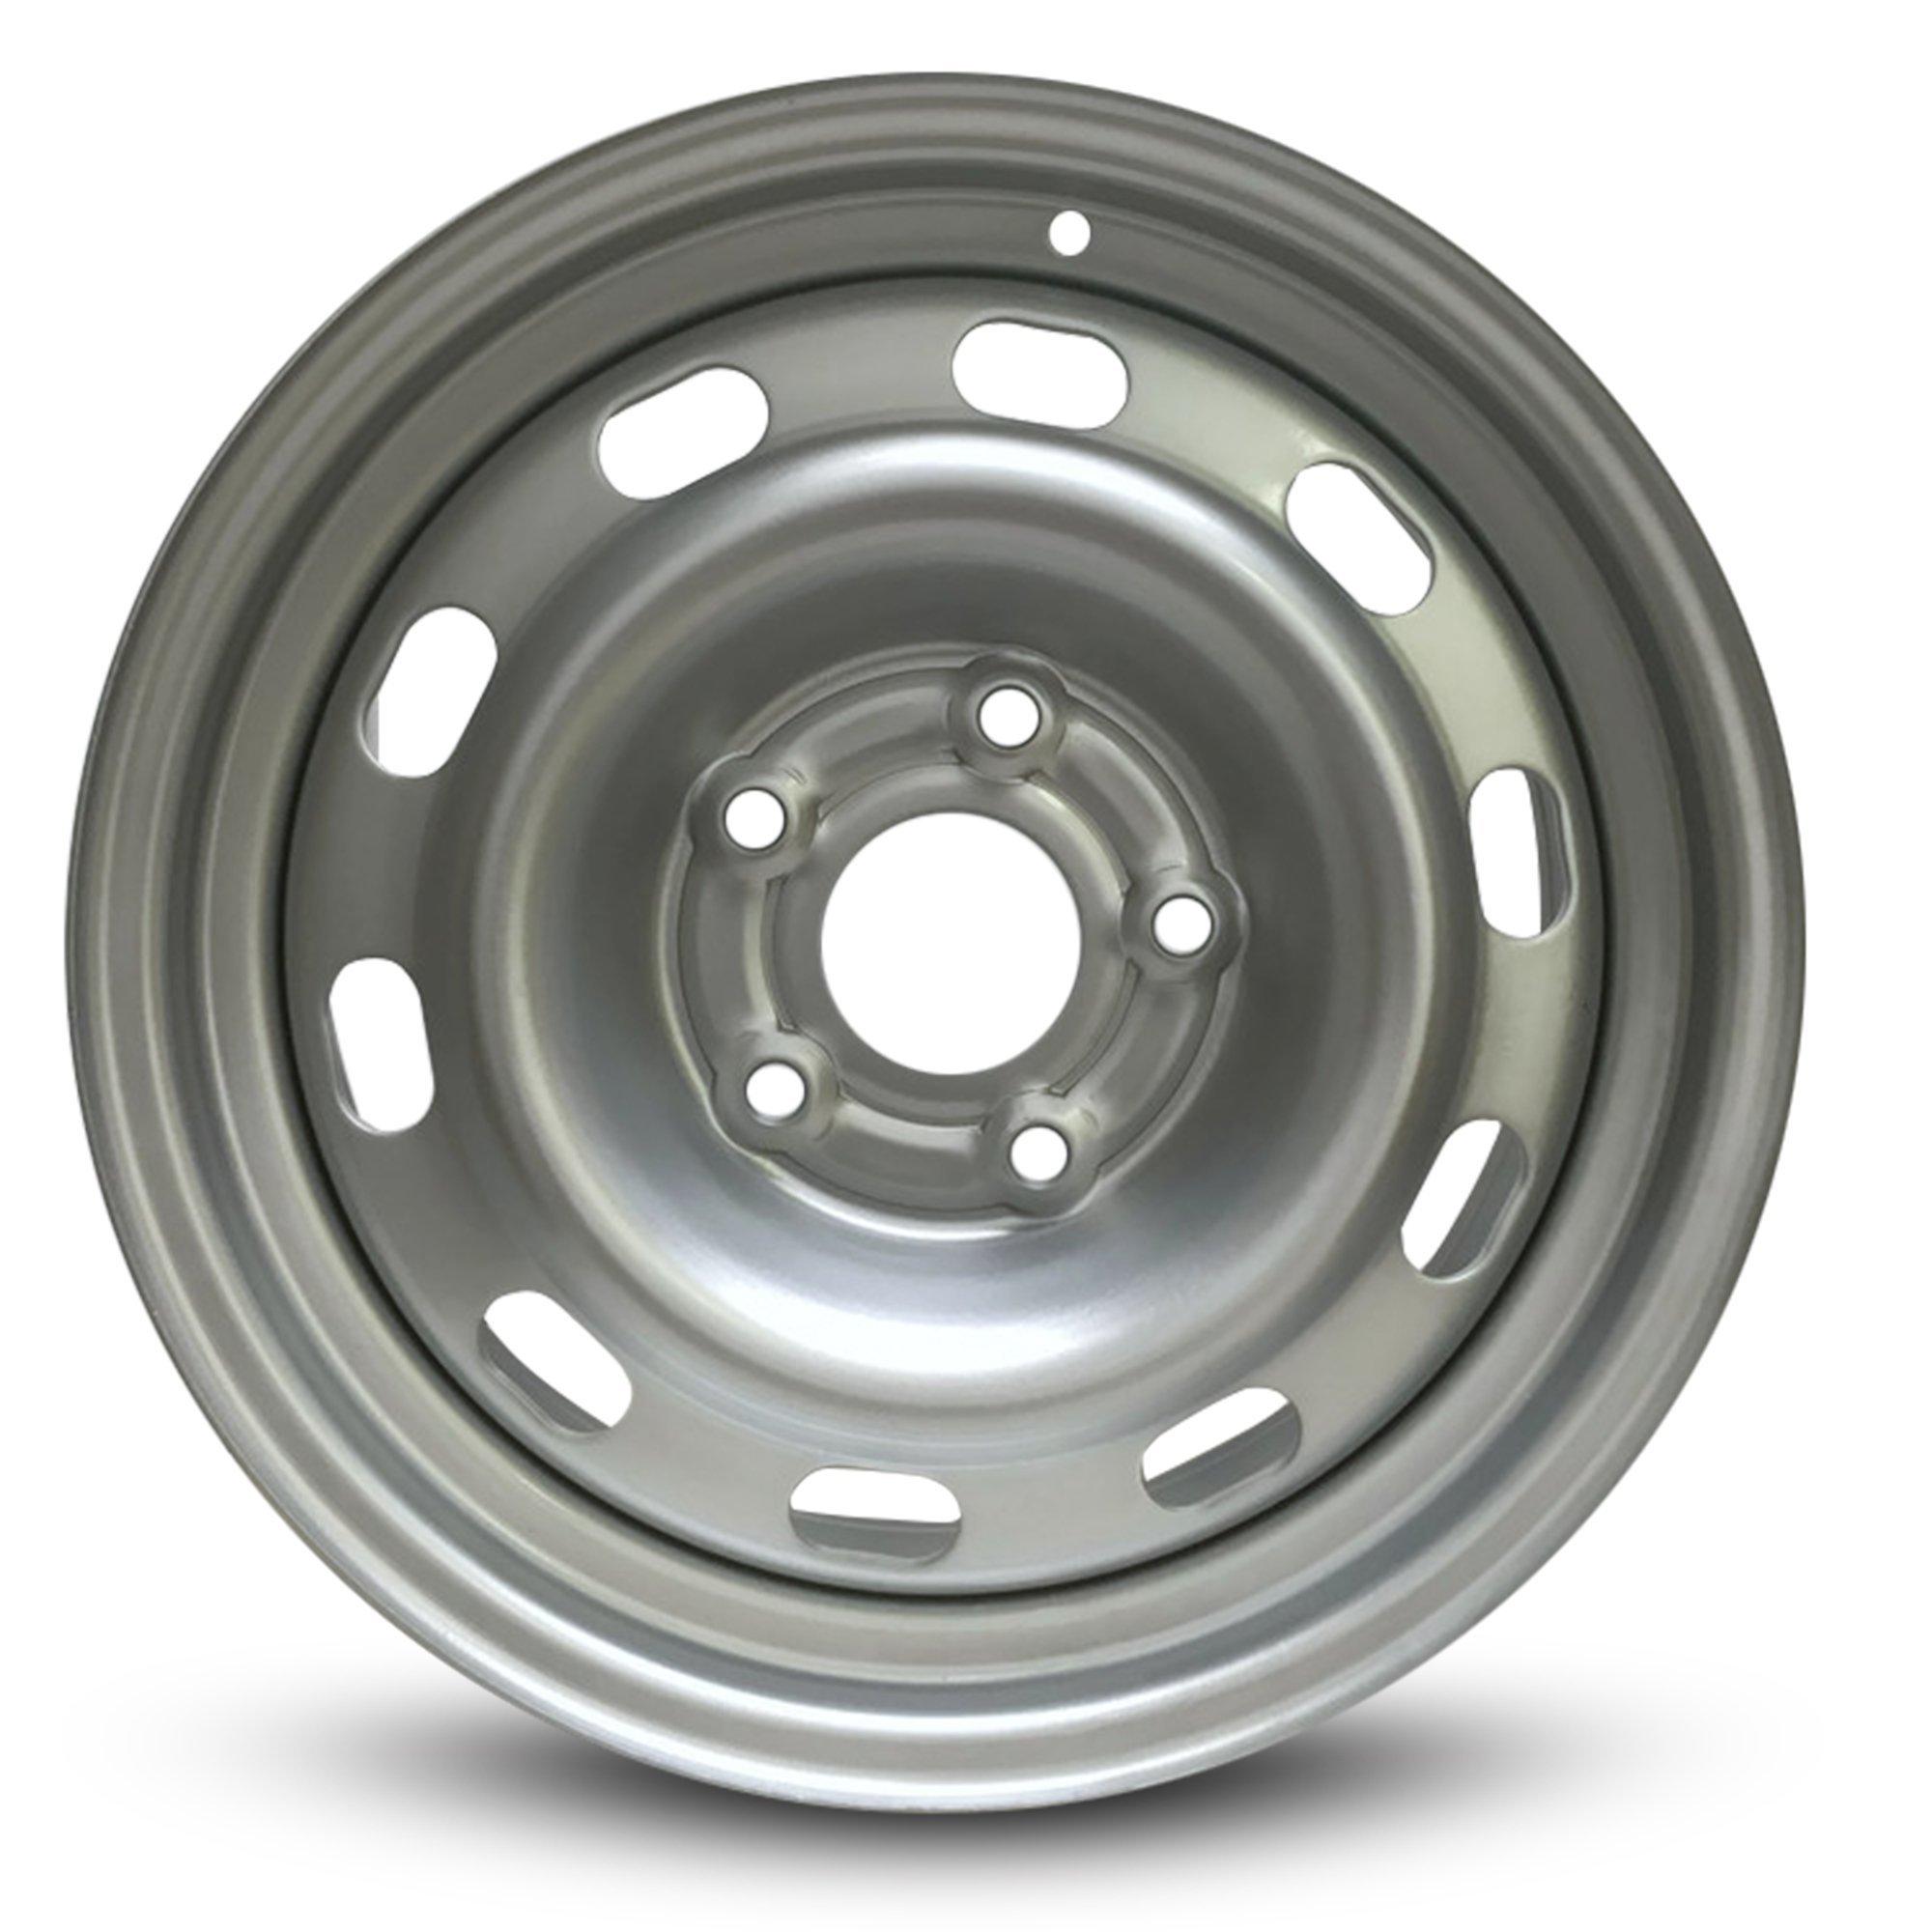 Dodge Ram 1500 Truck 17 Inch 5 Lug Steel Rim/17x7 5-139.7 Steel Wheel by Road Ready Wheels (Image #1)